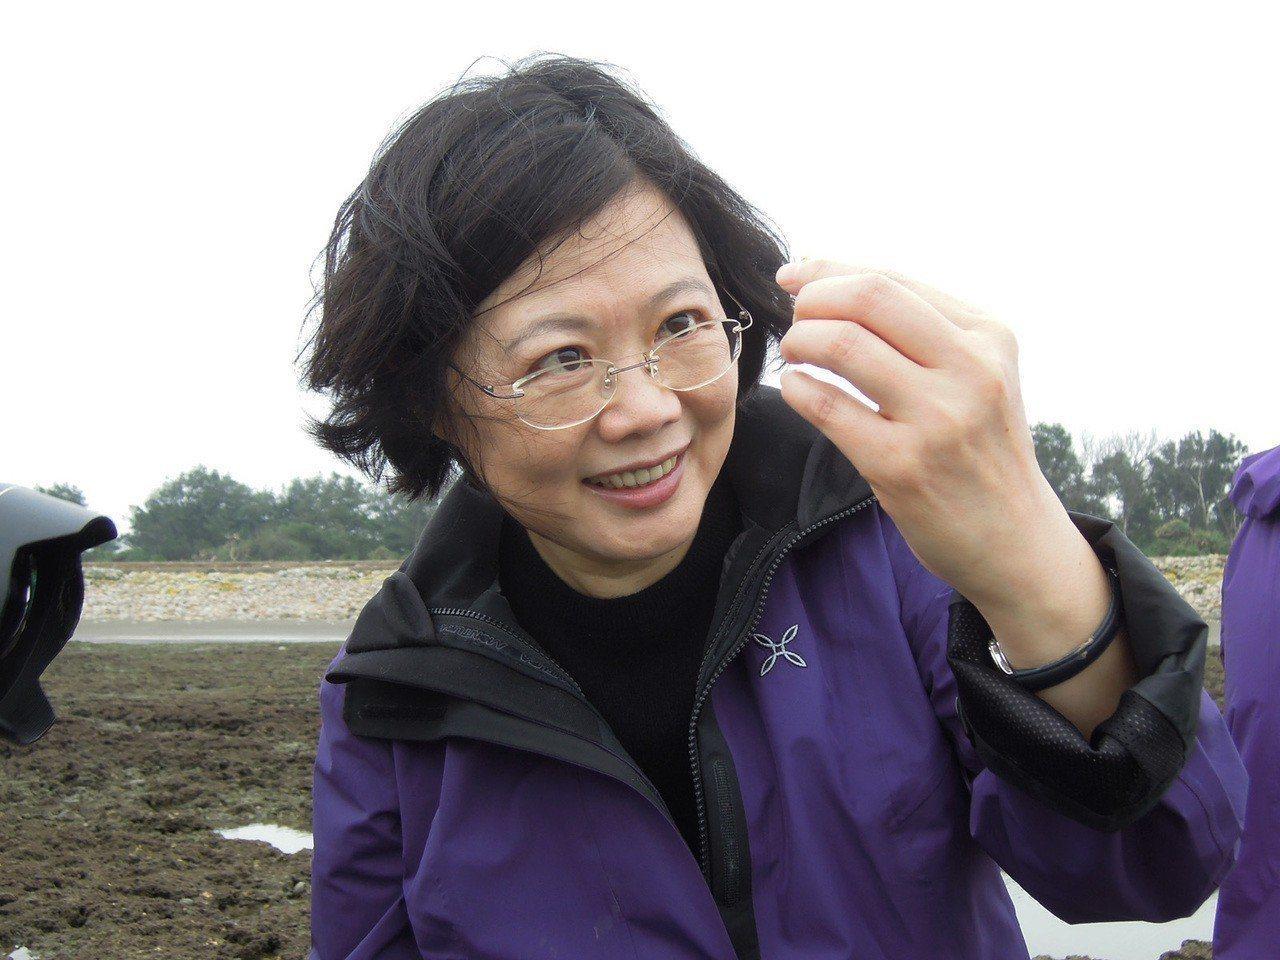 蔡英文總統(見圖)2013年4月20日參加桃園藻礁活動,非常仔細觀察藻礁生態小生...